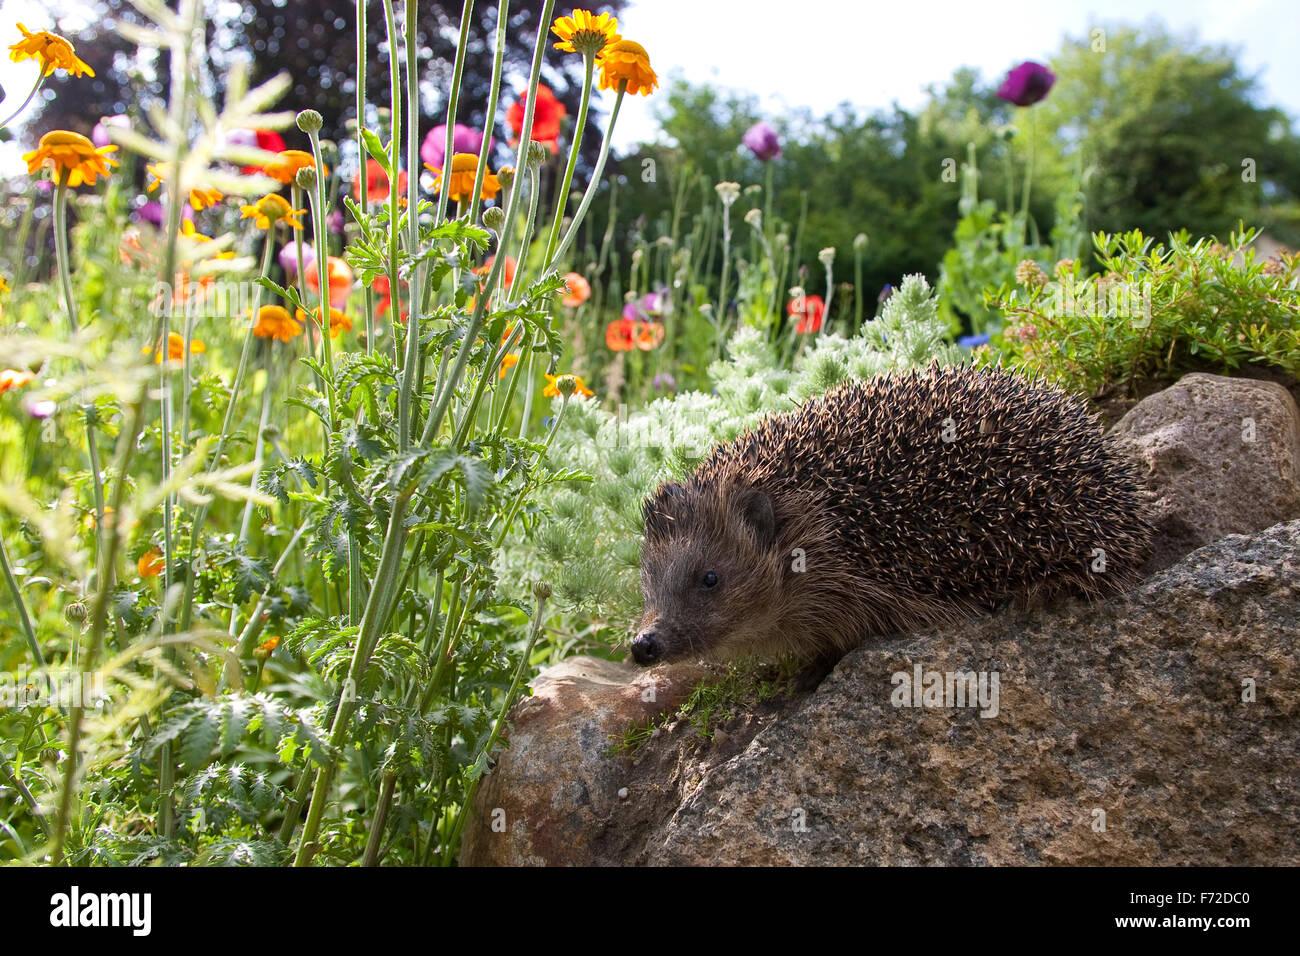 Western hedgehog, European hedgehog, garden, Europäischer Igel, Garten, Westigel, Braunbrustigel, Erinaceus - Stock Image